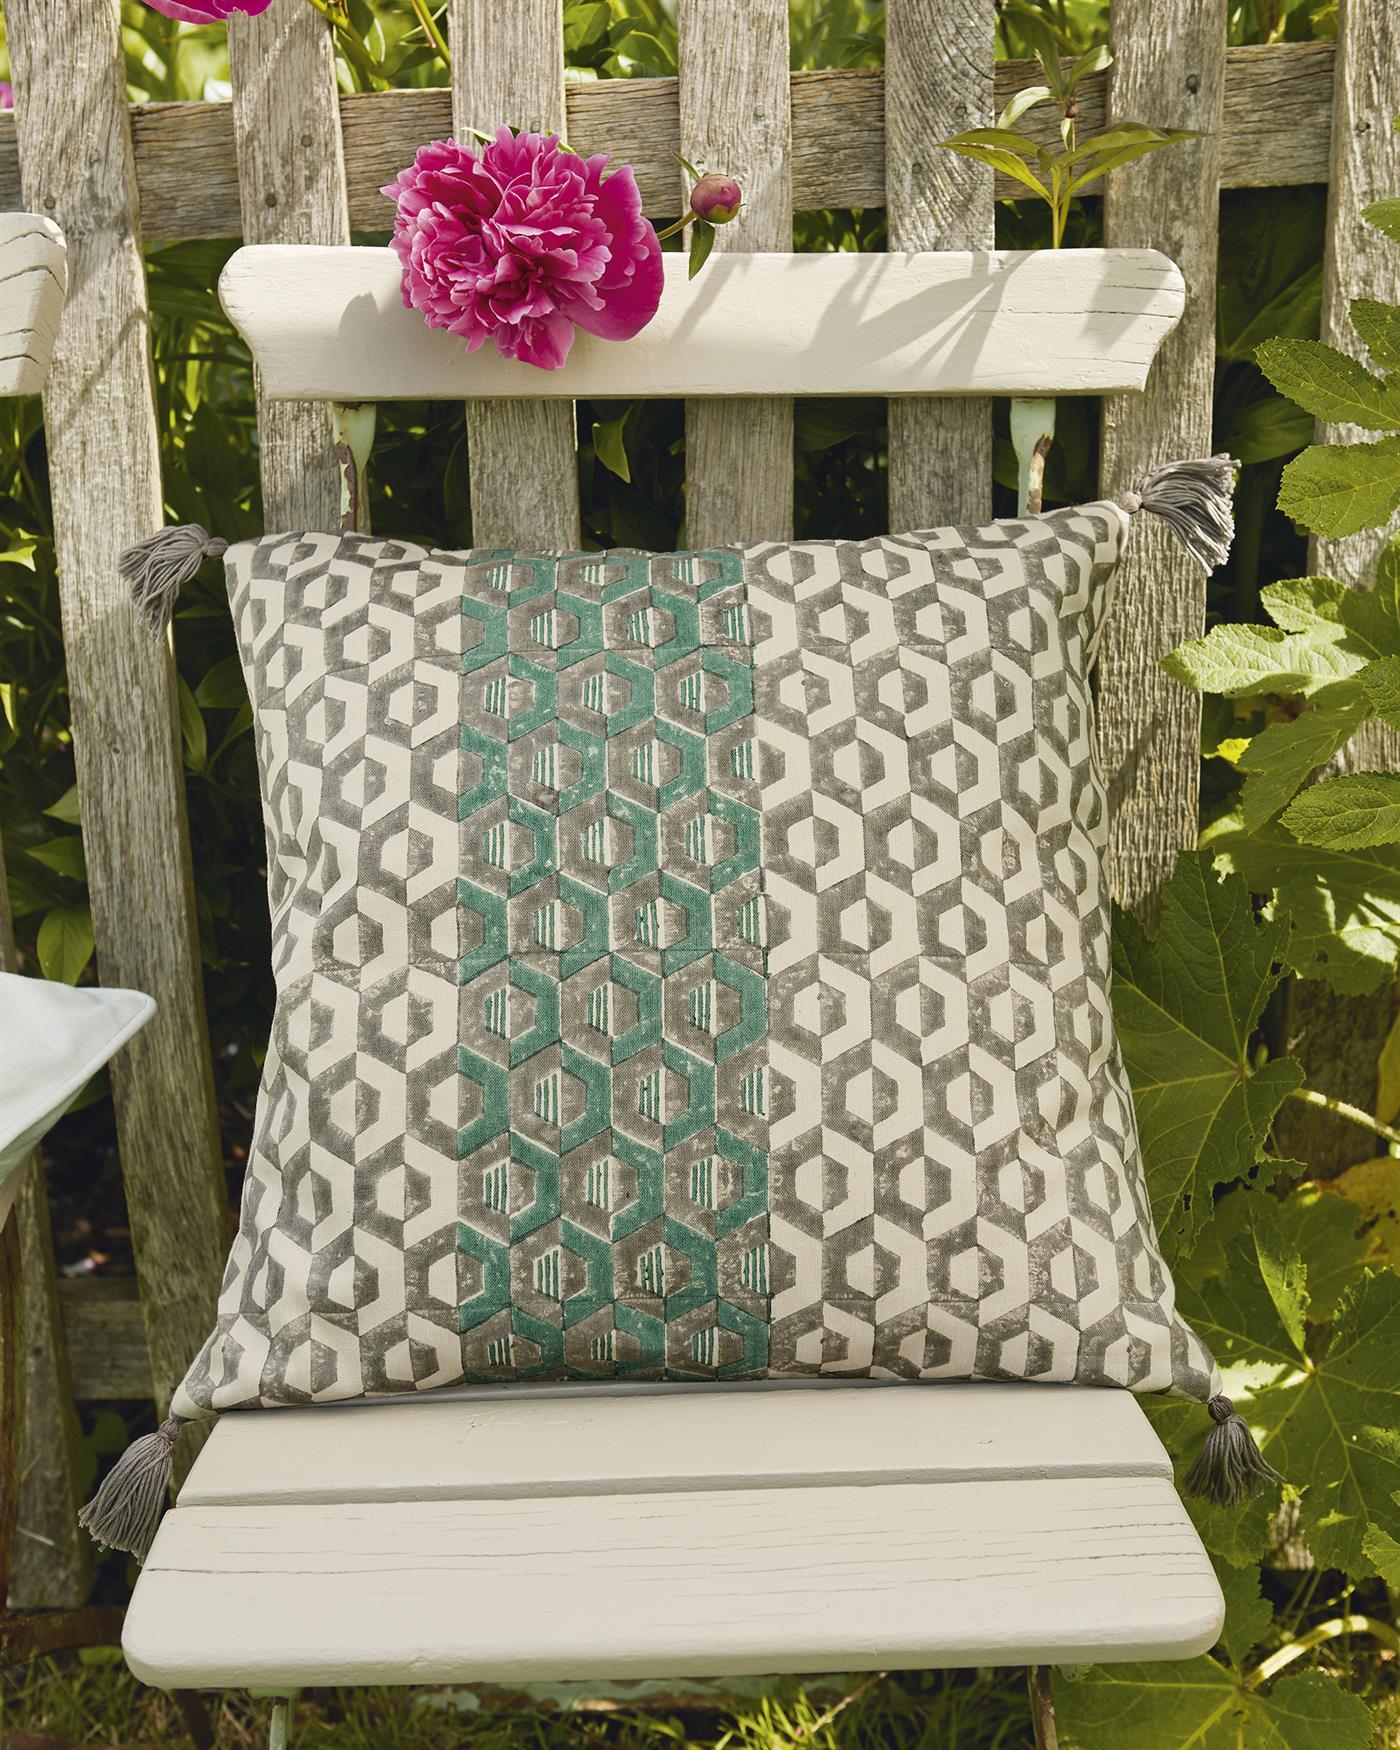 kissenh lle gr n grau. Black Bedroom Furniture Sets. Home Design Ideas